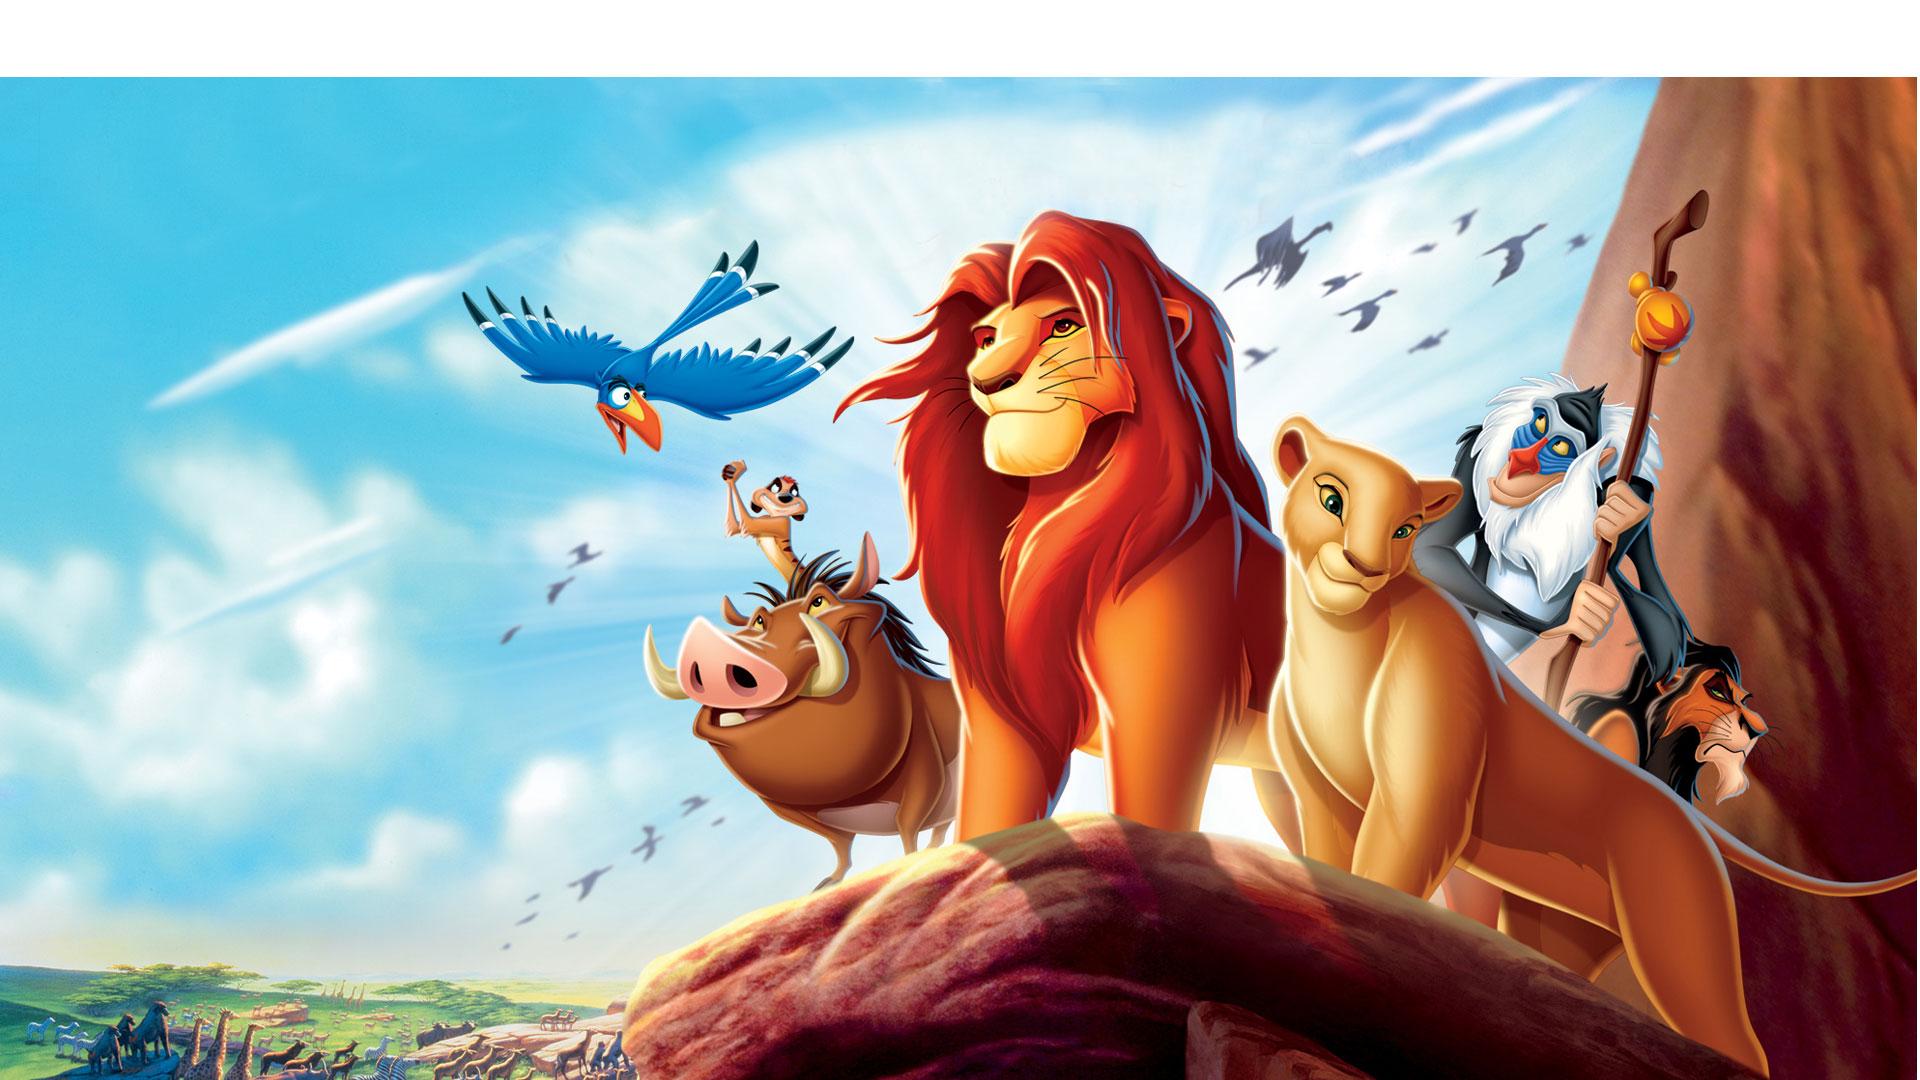 La nueva historia estará protagonizada por el descendiente de Simba y un grupo de animales que tratarán de defender su territorio